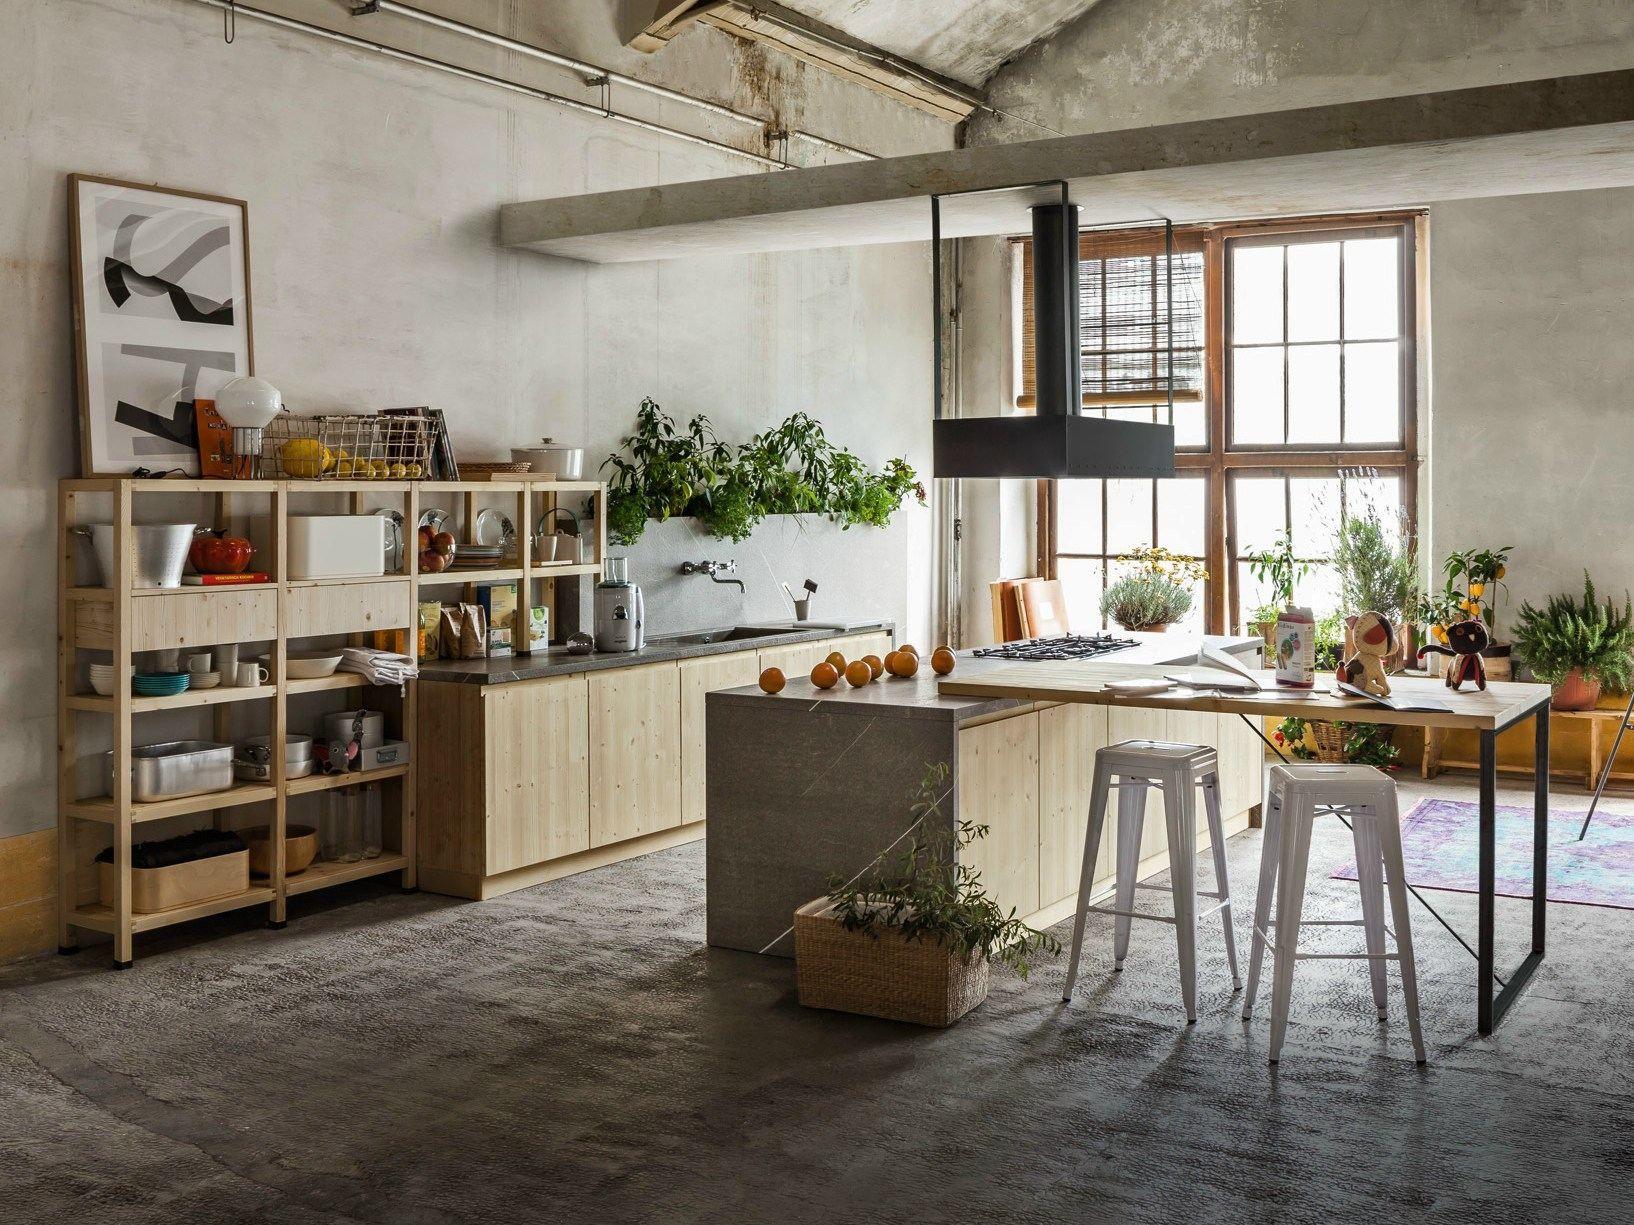 Cucina in legno bologna by callesella arredamenti s r l - Callesella cucine prezzi ...